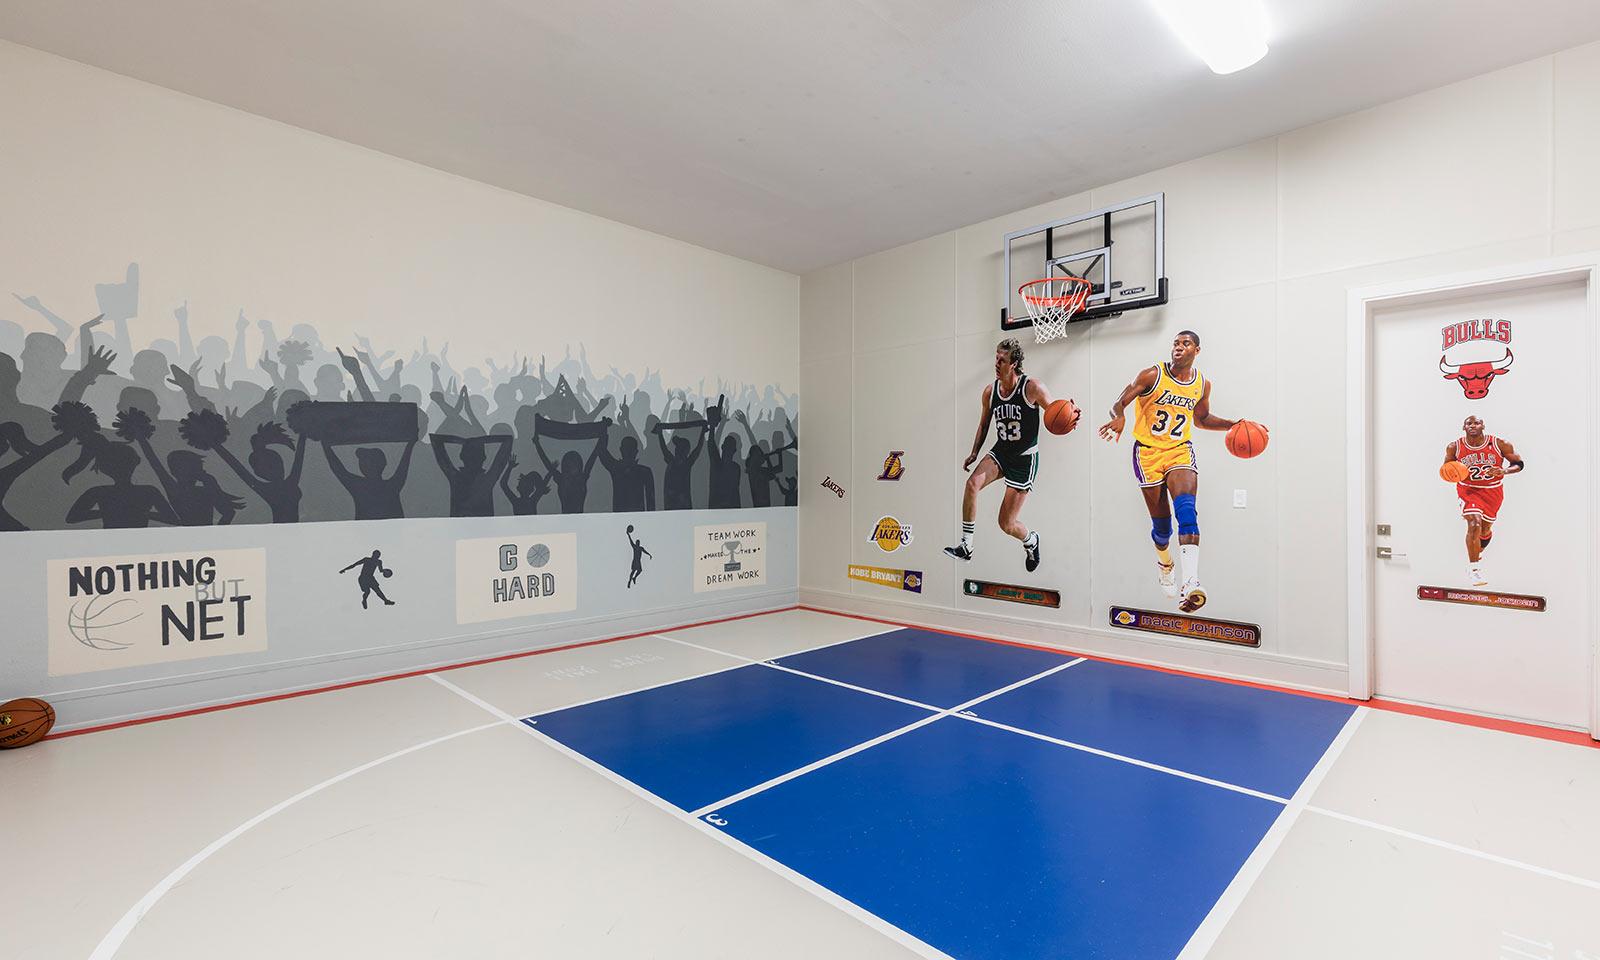 [amenities:Basketball-Court:1] Basketball Court